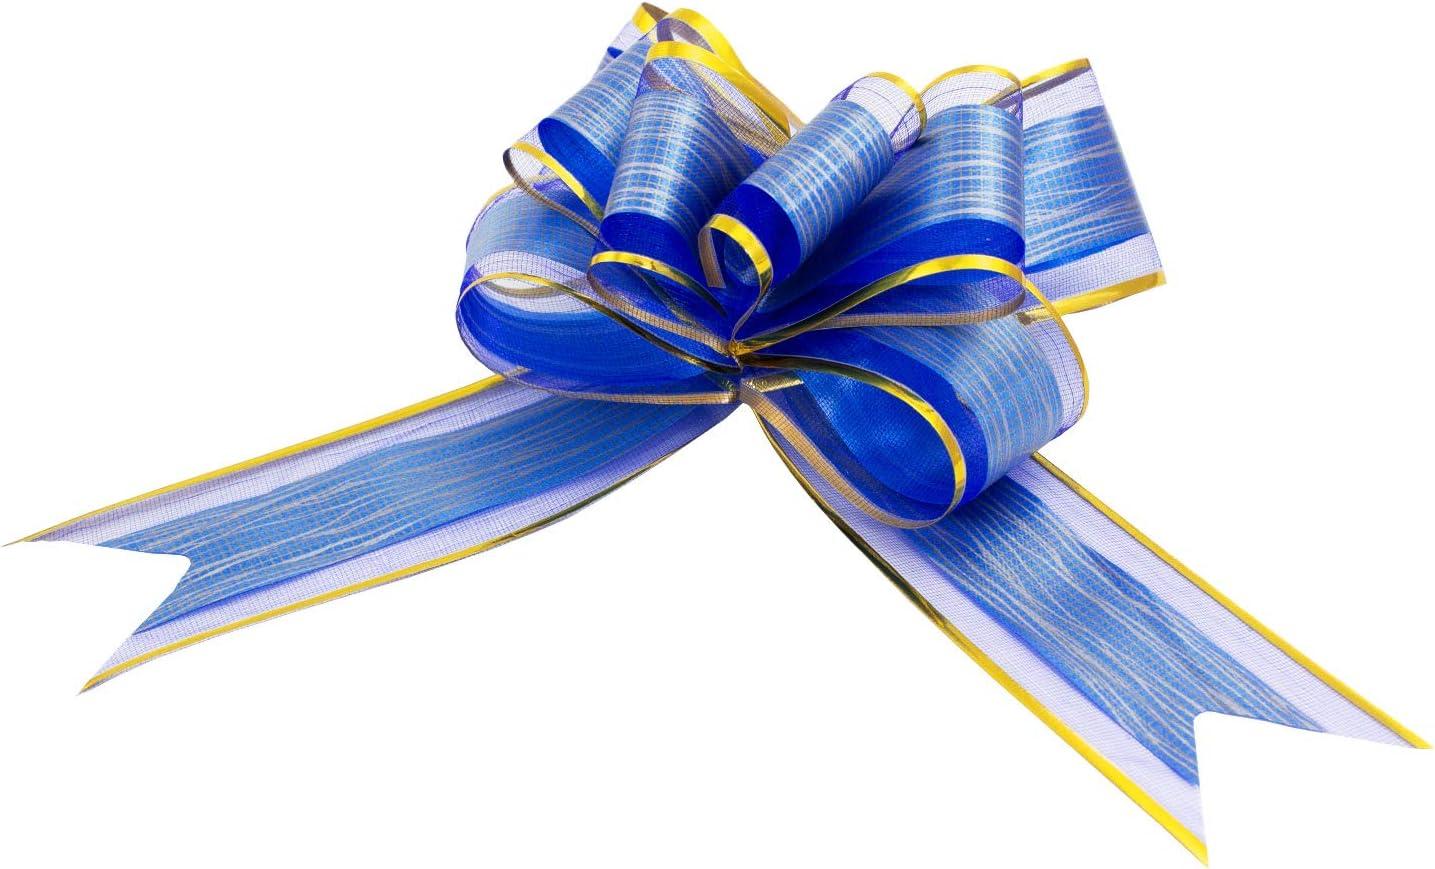 Gold w/ählbar Oblique Unique/® Geschenk Schleife mit Geschenkband Gl/änzend f/ür Geschenke T/üten Zuckert/üten zum Basteln Dekorieren Verzieren